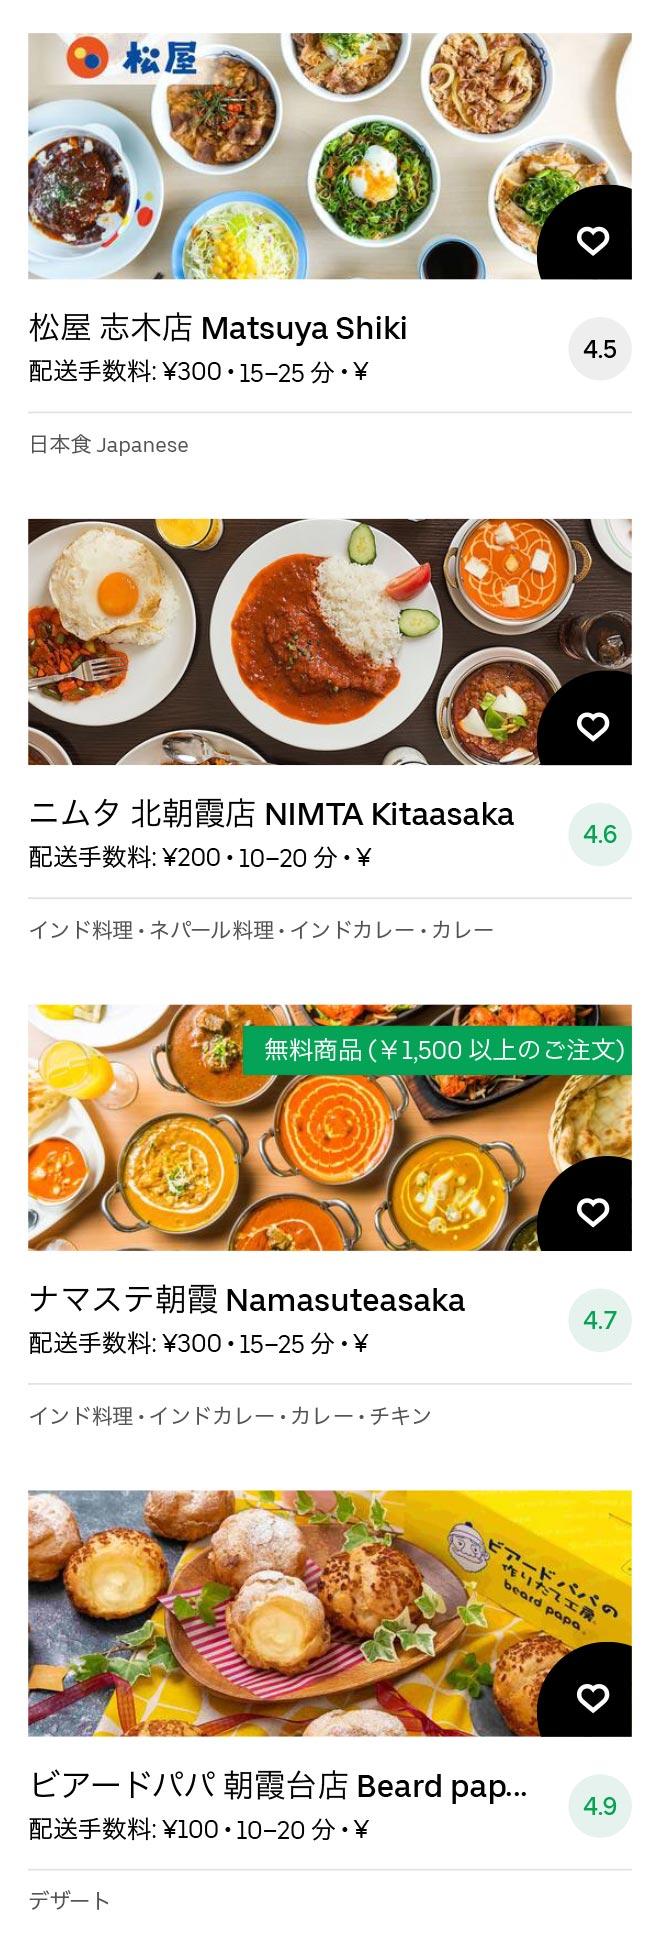 Asakadai menu 2011 08